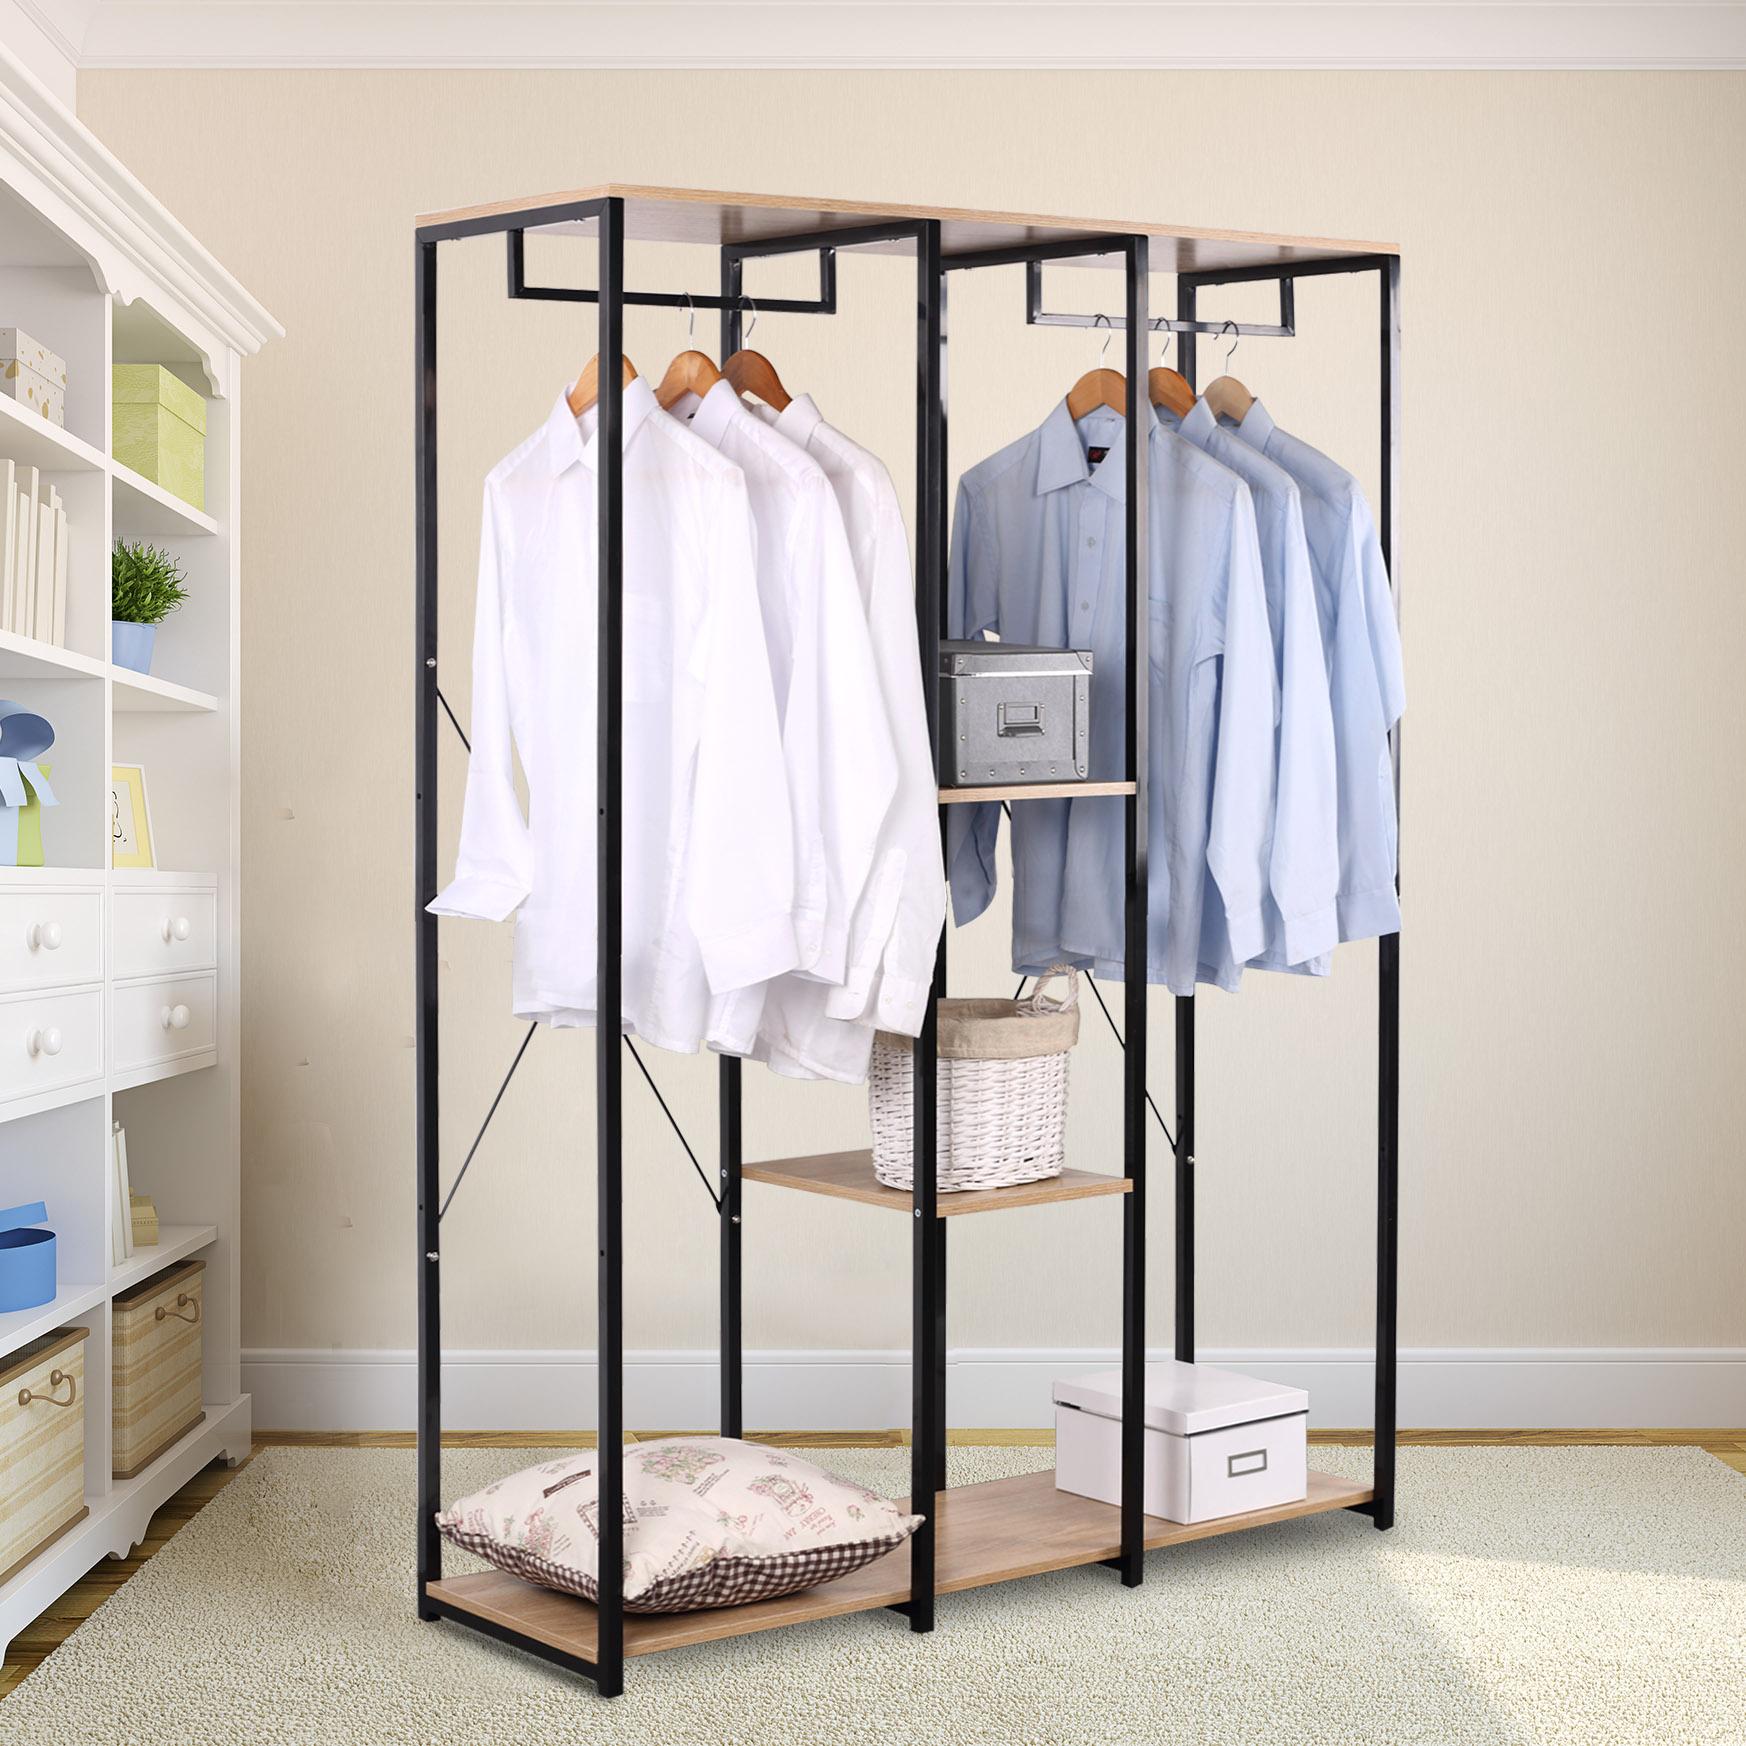 xxxl kleiderst nder w schest nder kleiderschrank mit ablage schuhregal sr0048hei ebay. Black Bedroom Furniture Sets. Home Design Ideas